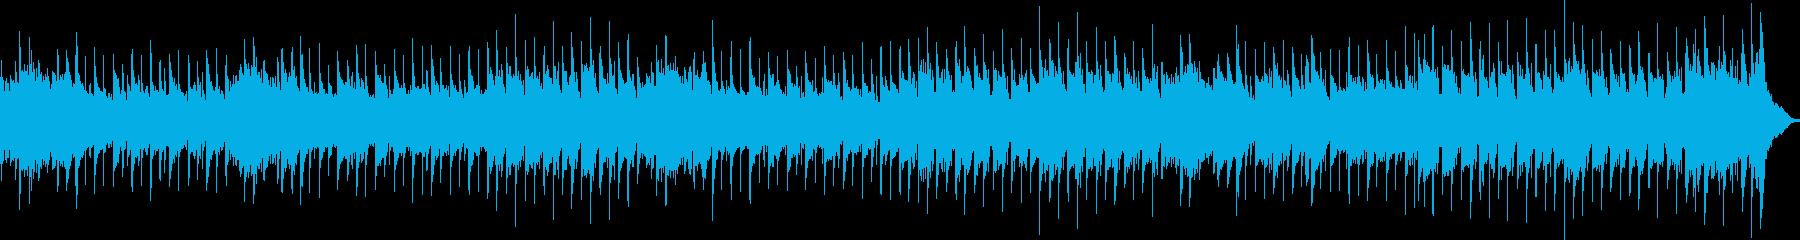 ロマンチック。プーさんの音。の再生済みの波形